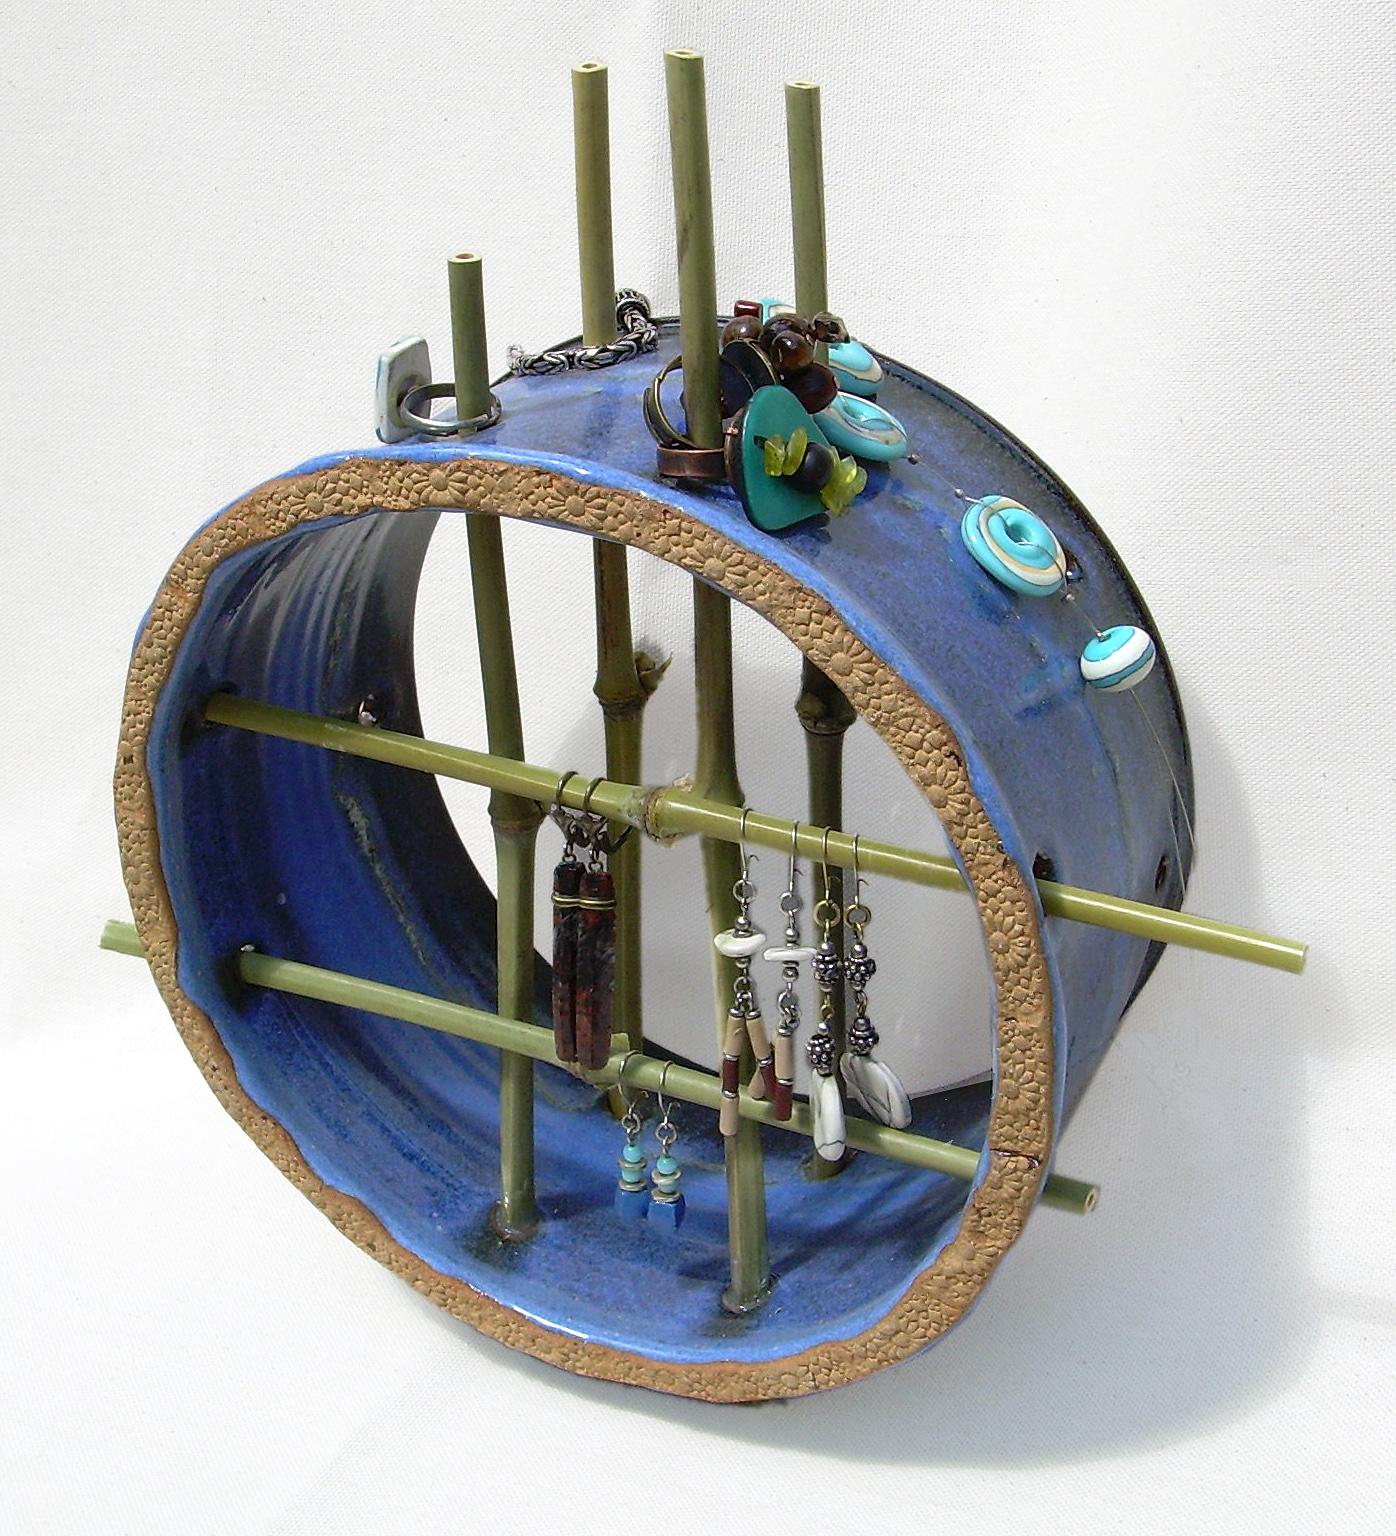 c ramique d 39 art au mas d 39 azil accroche bijoux poser avec des bambous. Black Bedroom Furniture Sets. Home Design Ideas